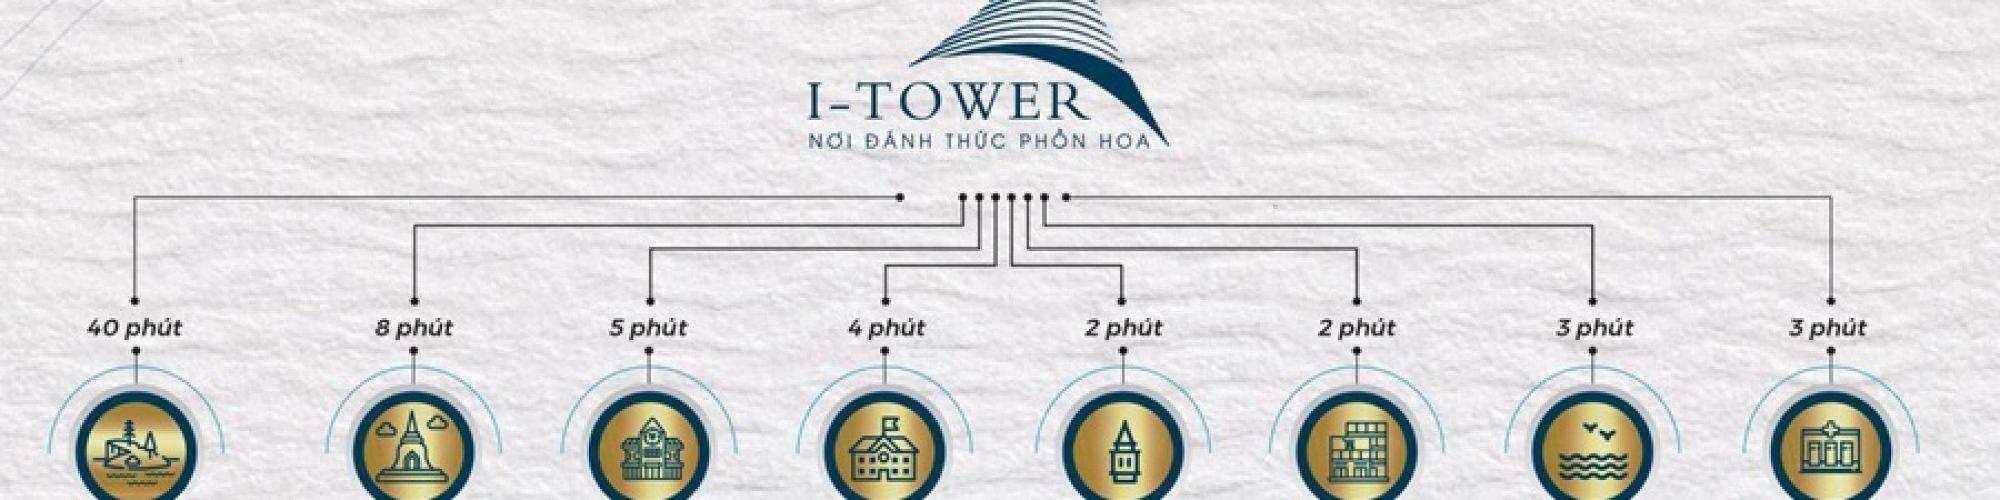 Chung cư i tower Quy Nhơn